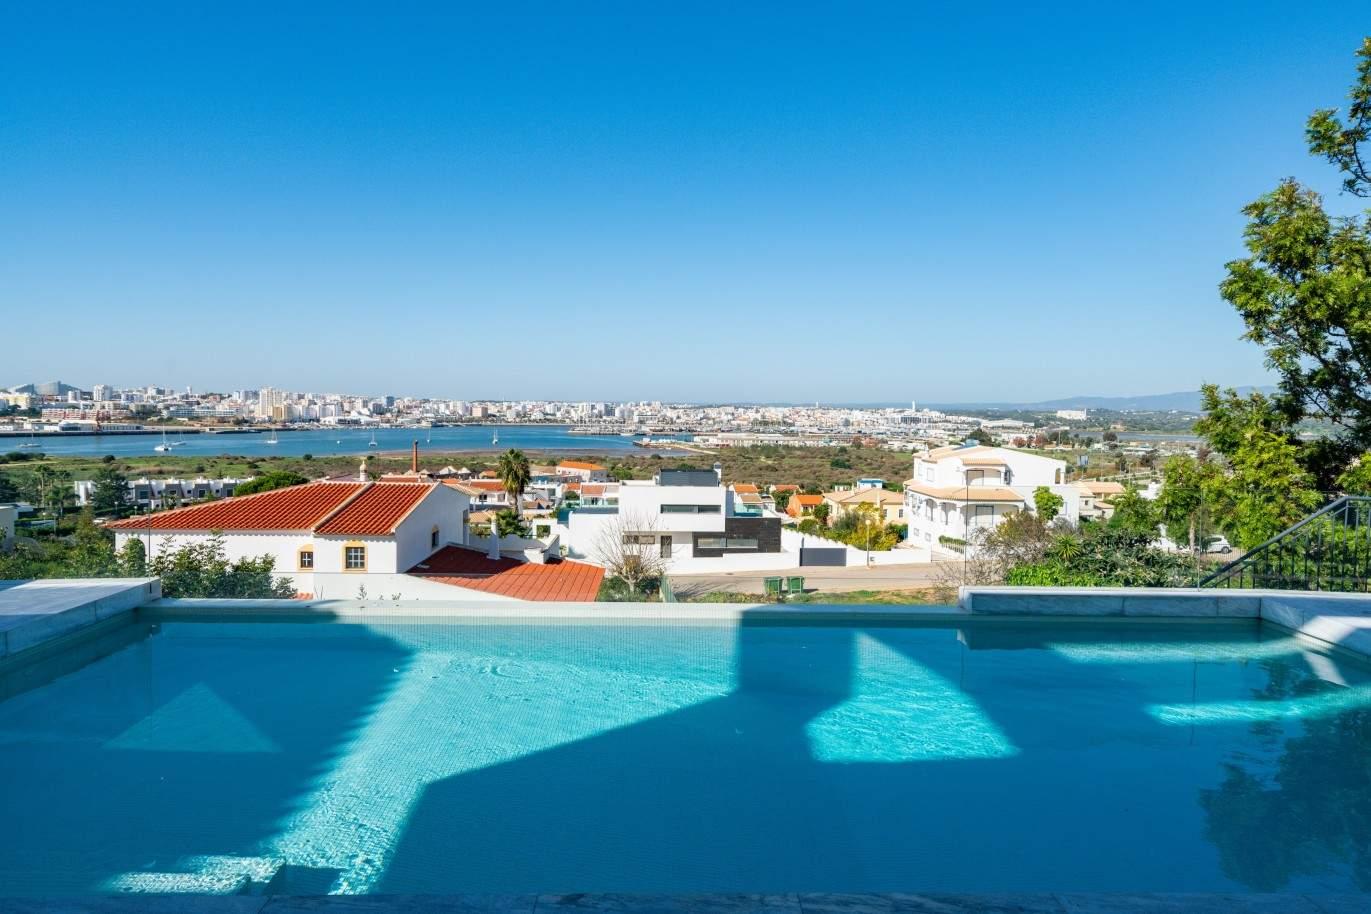 modern-villa-overlooking-the-river-and-sea-ferragudo-algarve